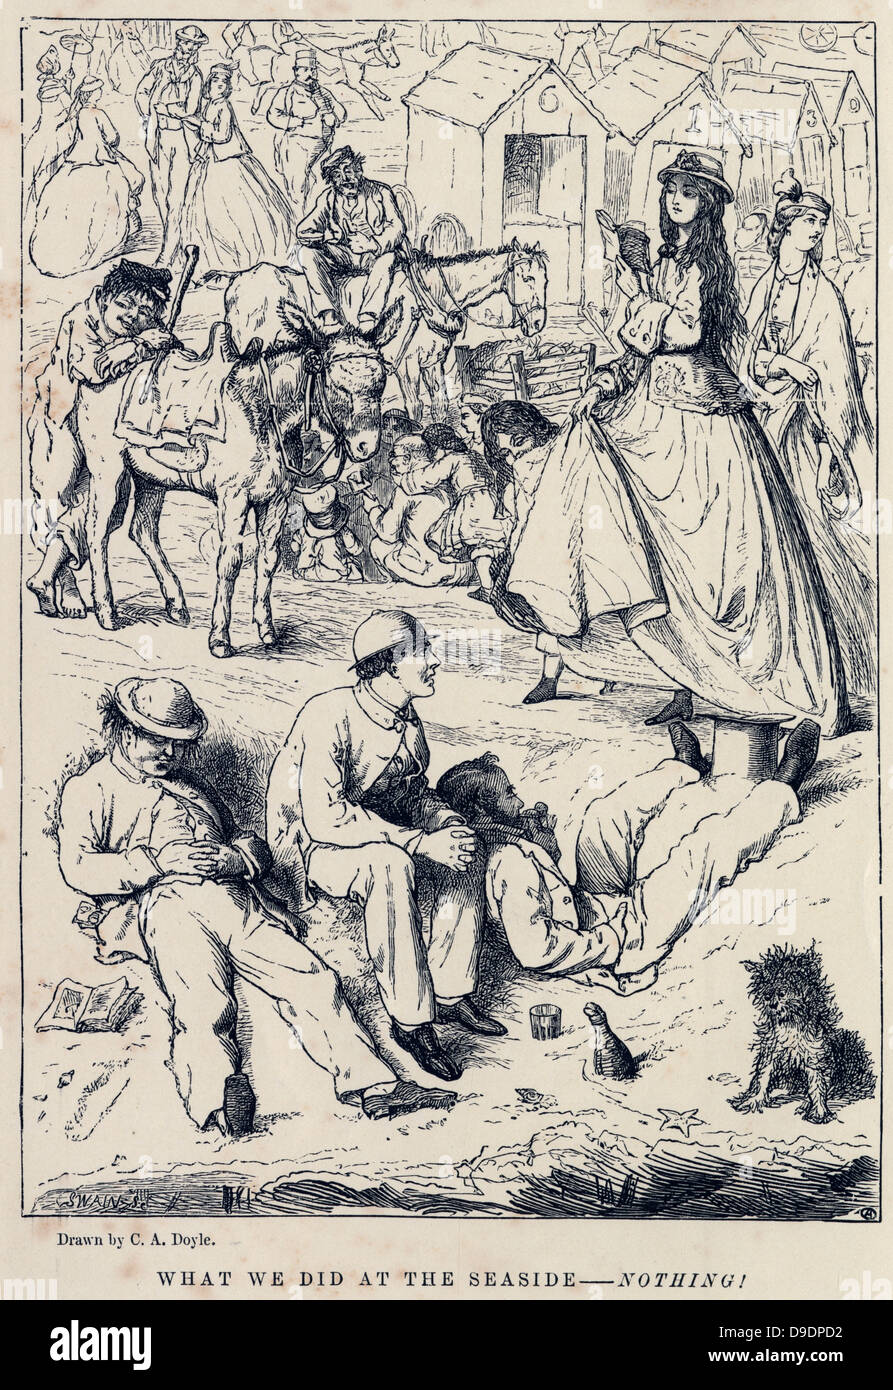 Lo que hicimos en la playa - nada. Caricatura de 1882 Imagen De Stock